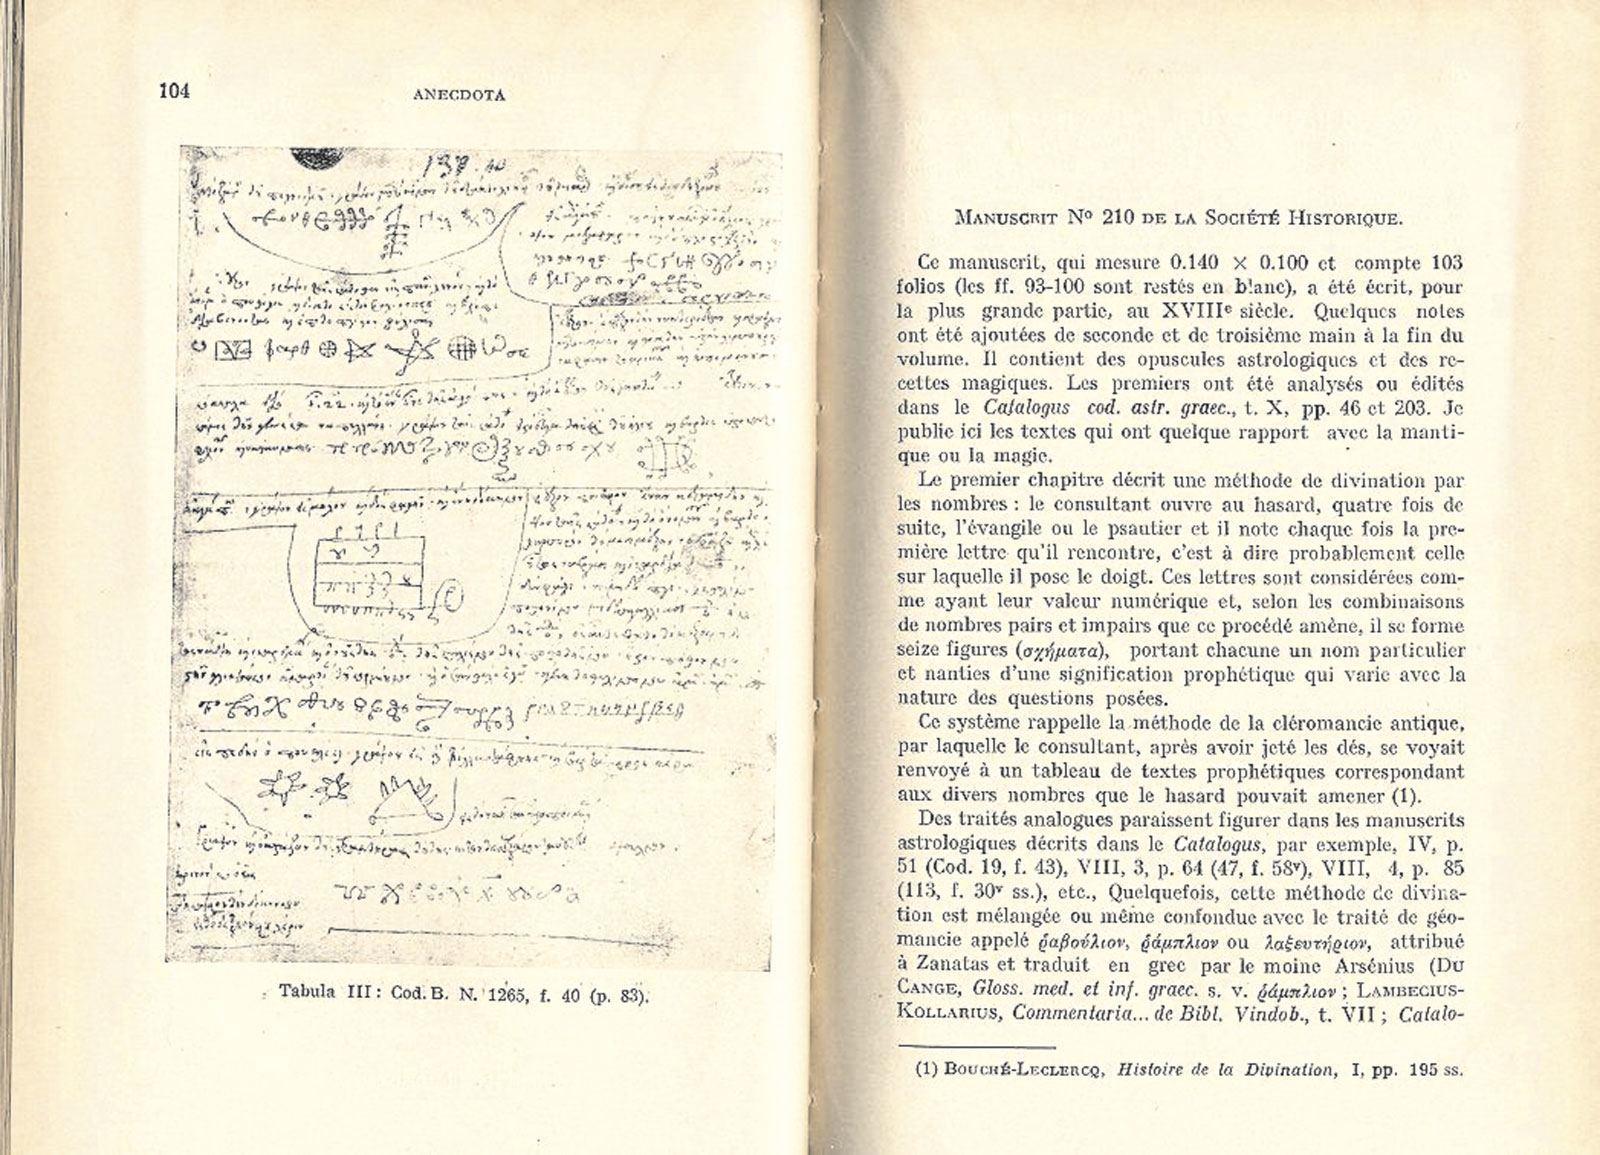 3-Αποσπάσµατα-από-παλιές-εκδόσεις-της-«Σολοµωνικής»,-µεταξύ-των-οποίων-βρίσκεται-και-η-Ελληνική,-µε-τίτλο-«Anecdota-Antheniensia».